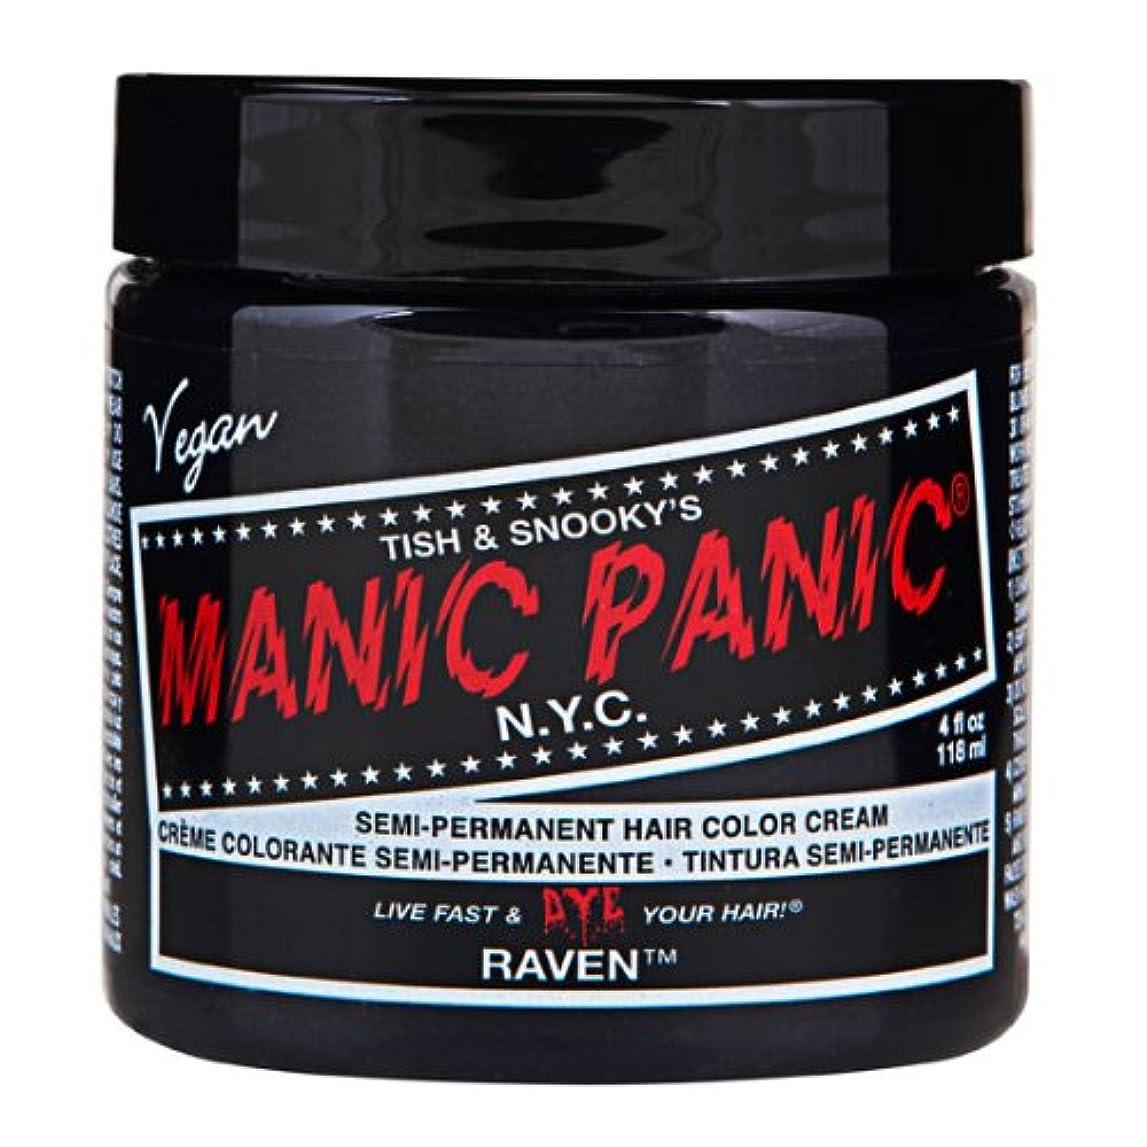 買収ステーキギネスマニックパニック MANIC PANIC ヘアカラー 118mlレイヴァン ヘアーカラー